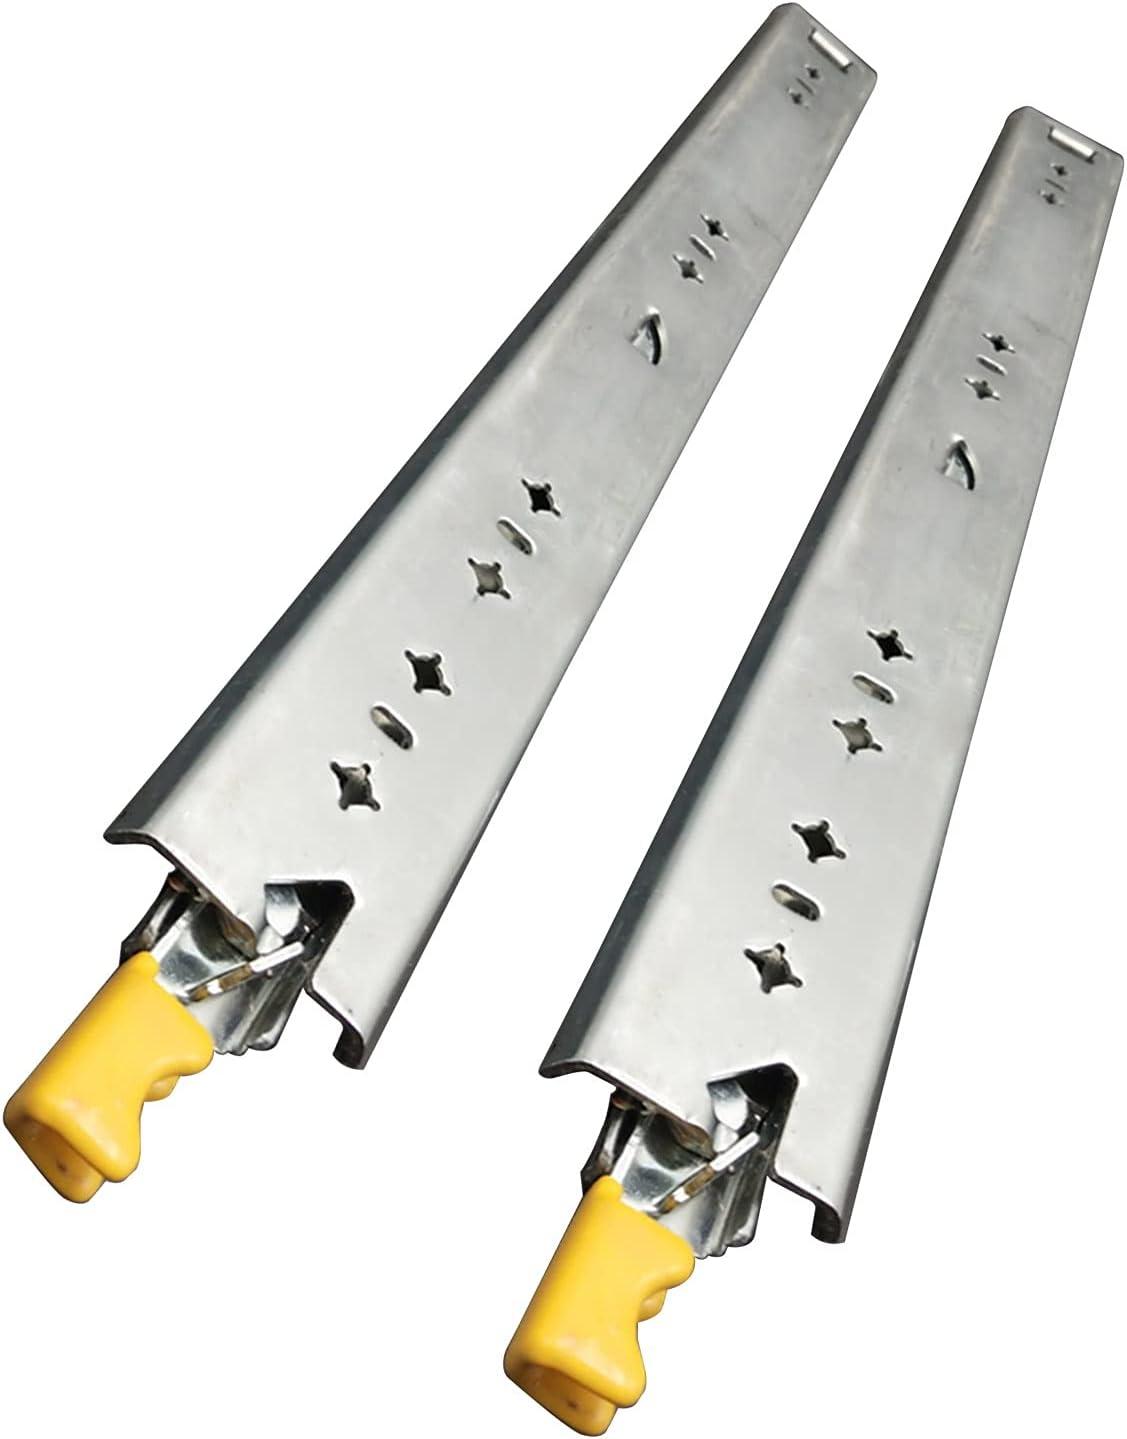 1 par de tiradores pesados, guías de cajones resistentes, rieles deslizantes, con función de la tarjeta de bloqueo / salida. Los extractores completos de servicio pesado, ancho de 53 mm, capacidad de